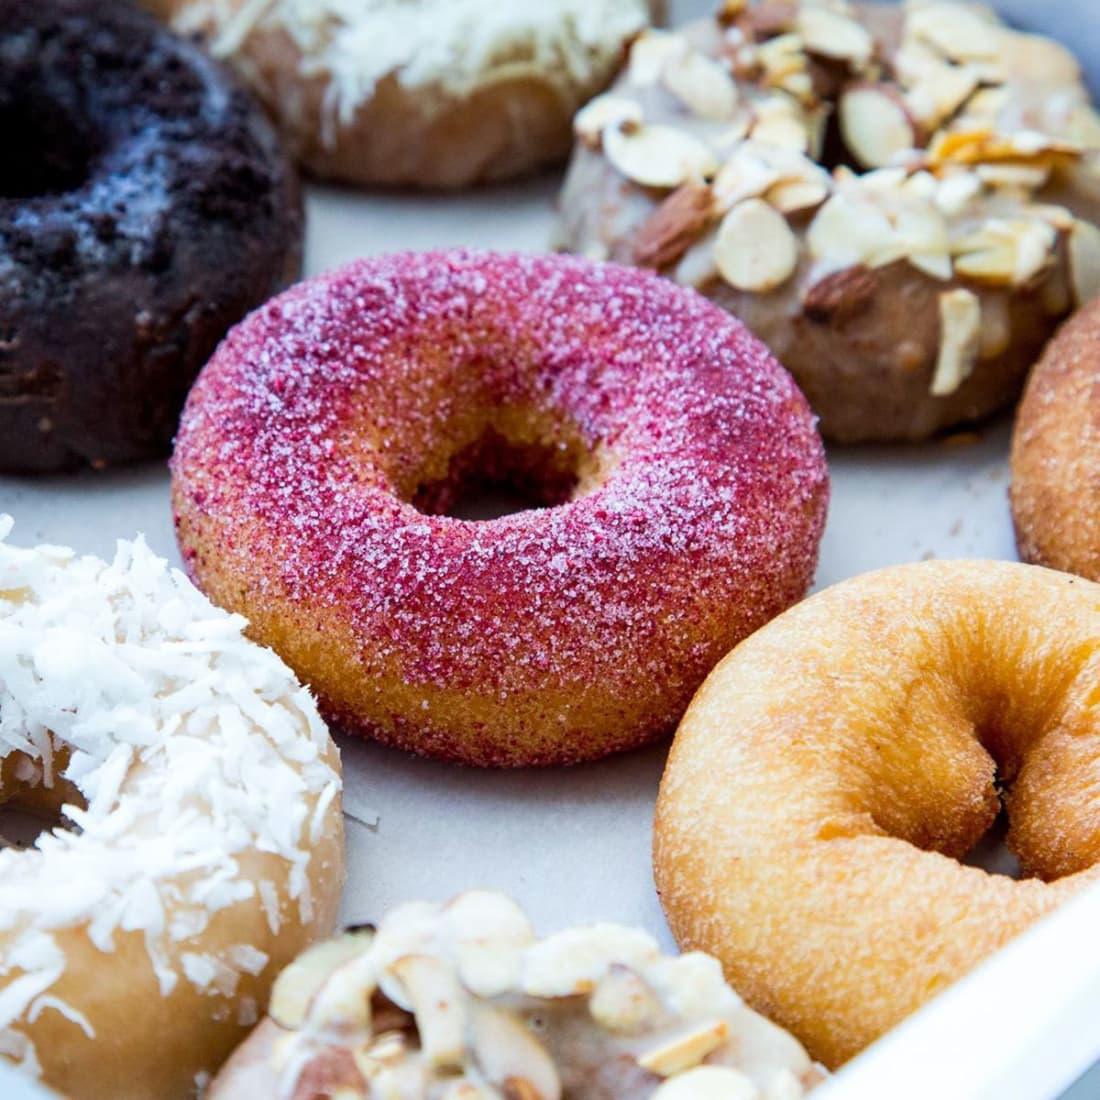 Photo via Underwest Donuts